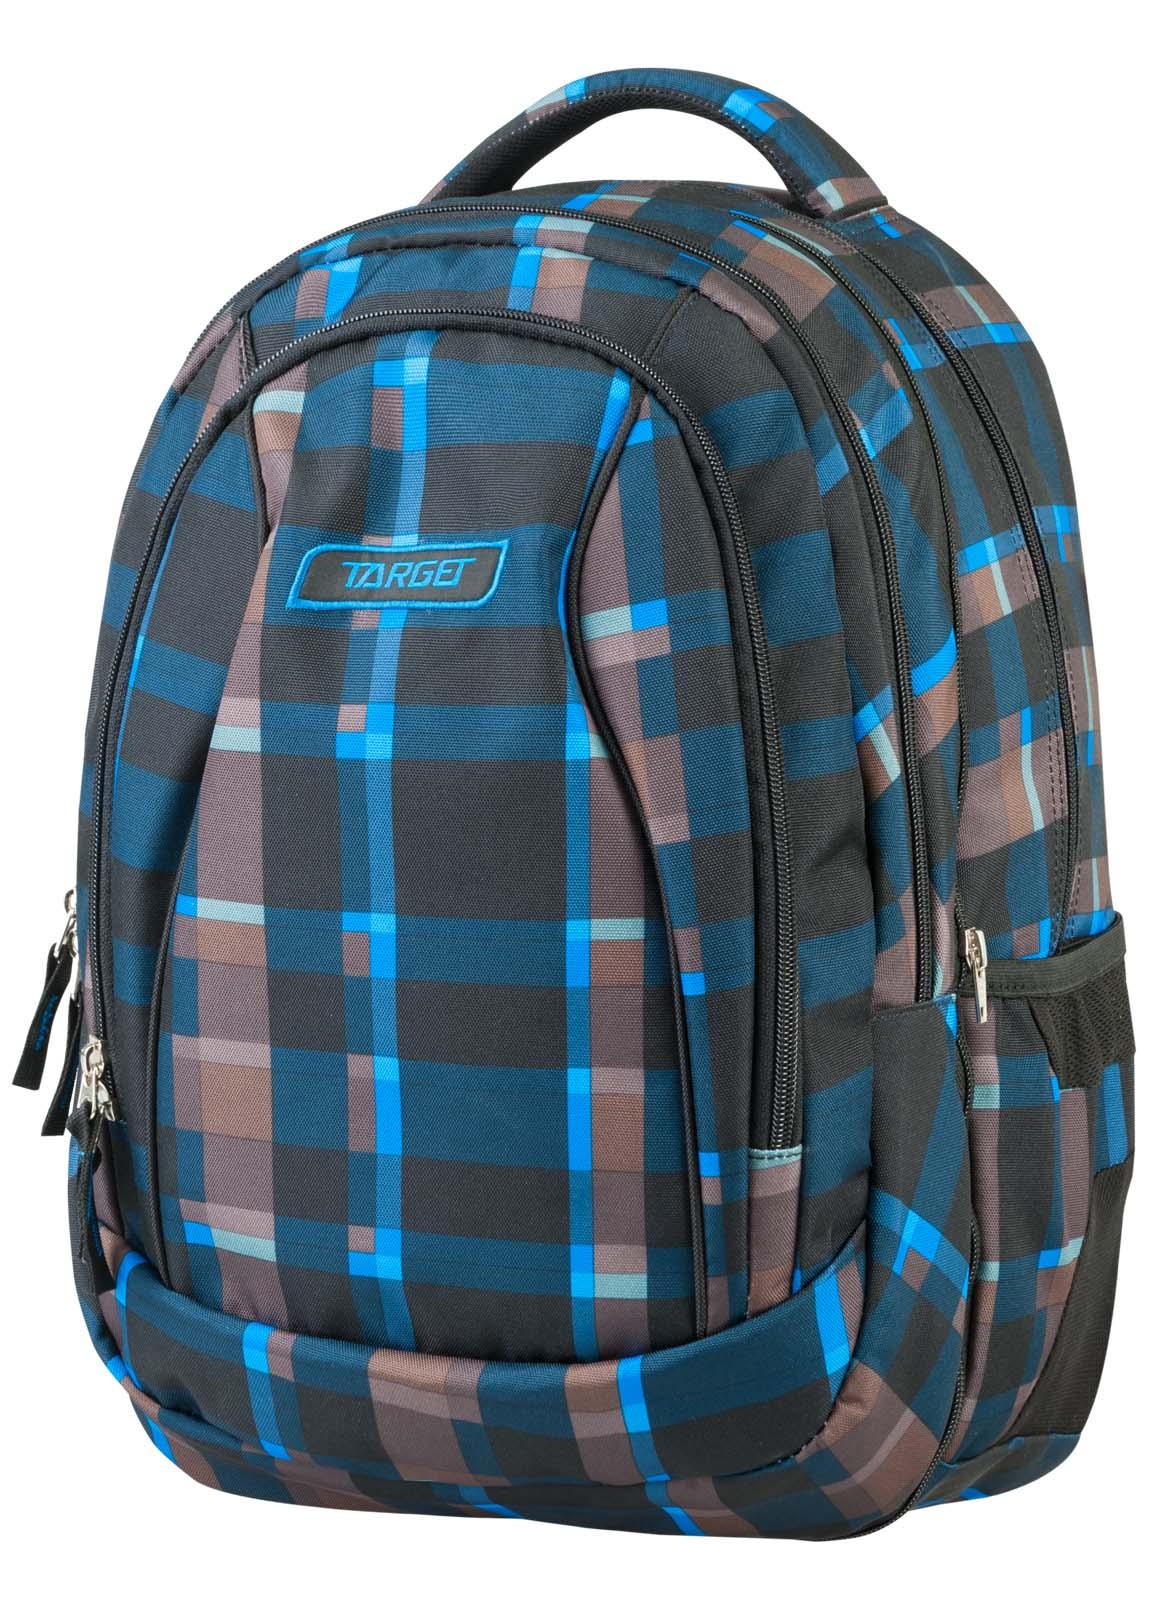 Купить Рюкзак 2 в 1 Allover 3 синий с коричневым 21430, Target, Школьные рюкзаки для девочек